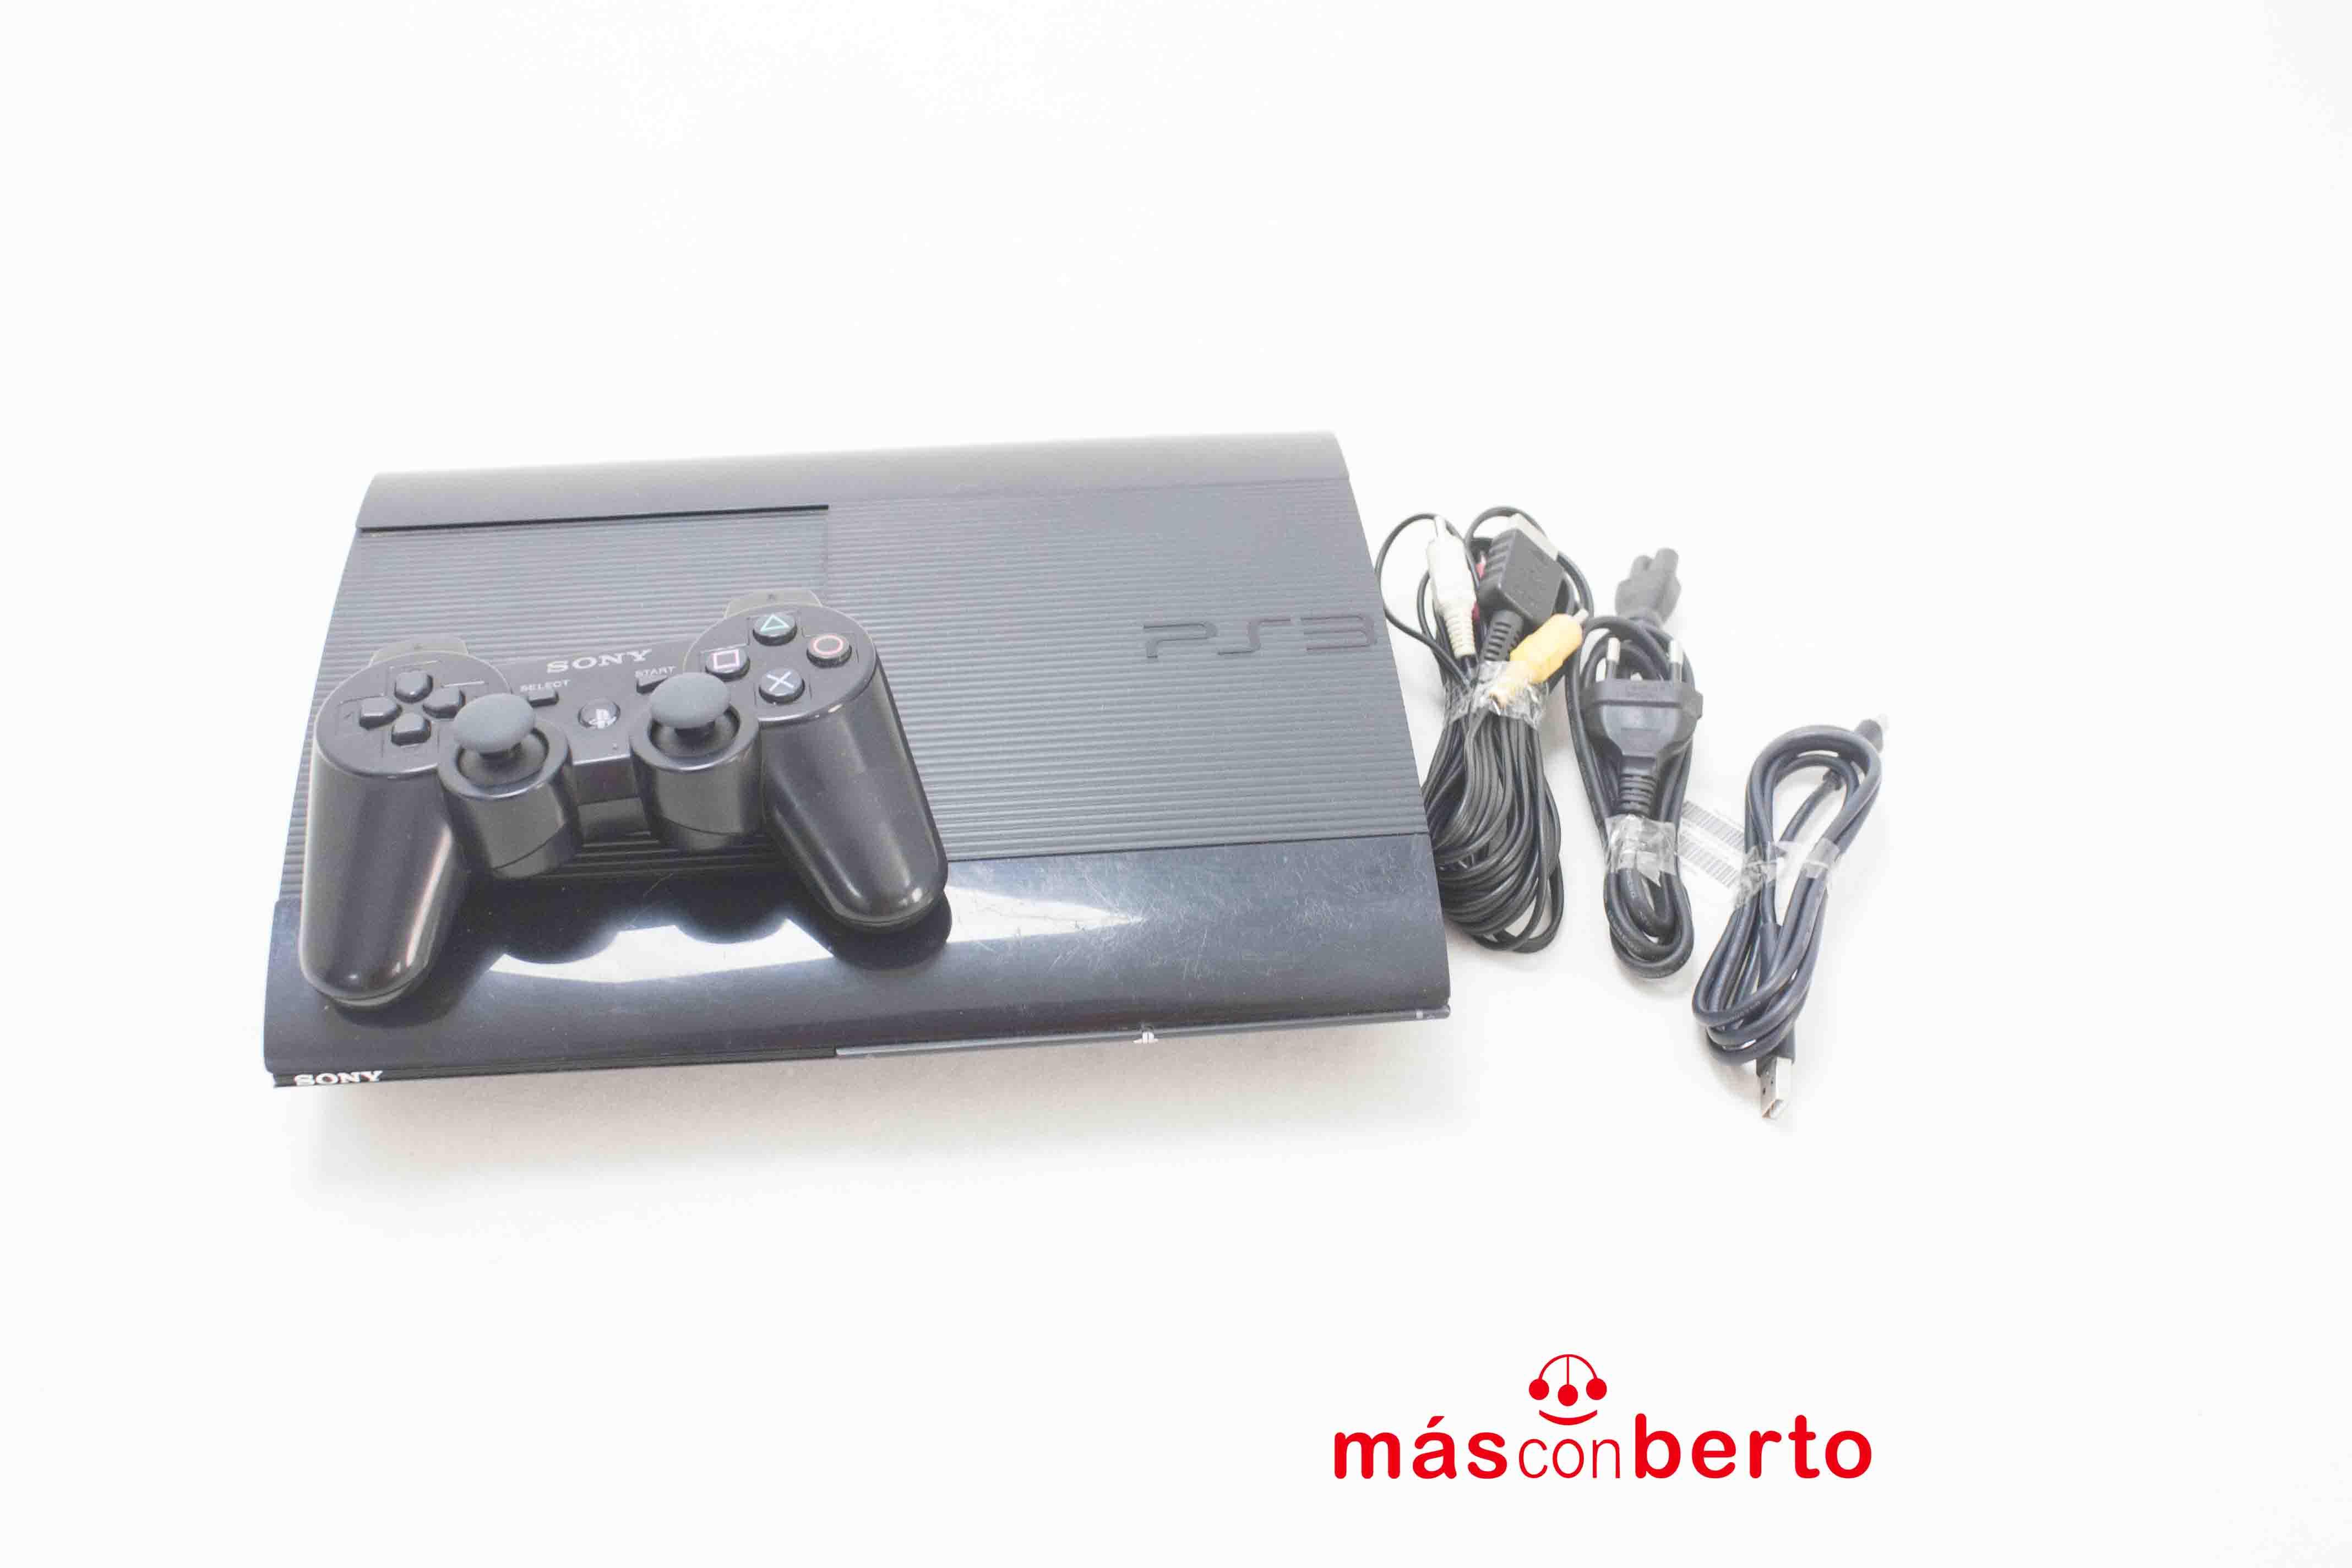 Consola Sony PS3 500GB